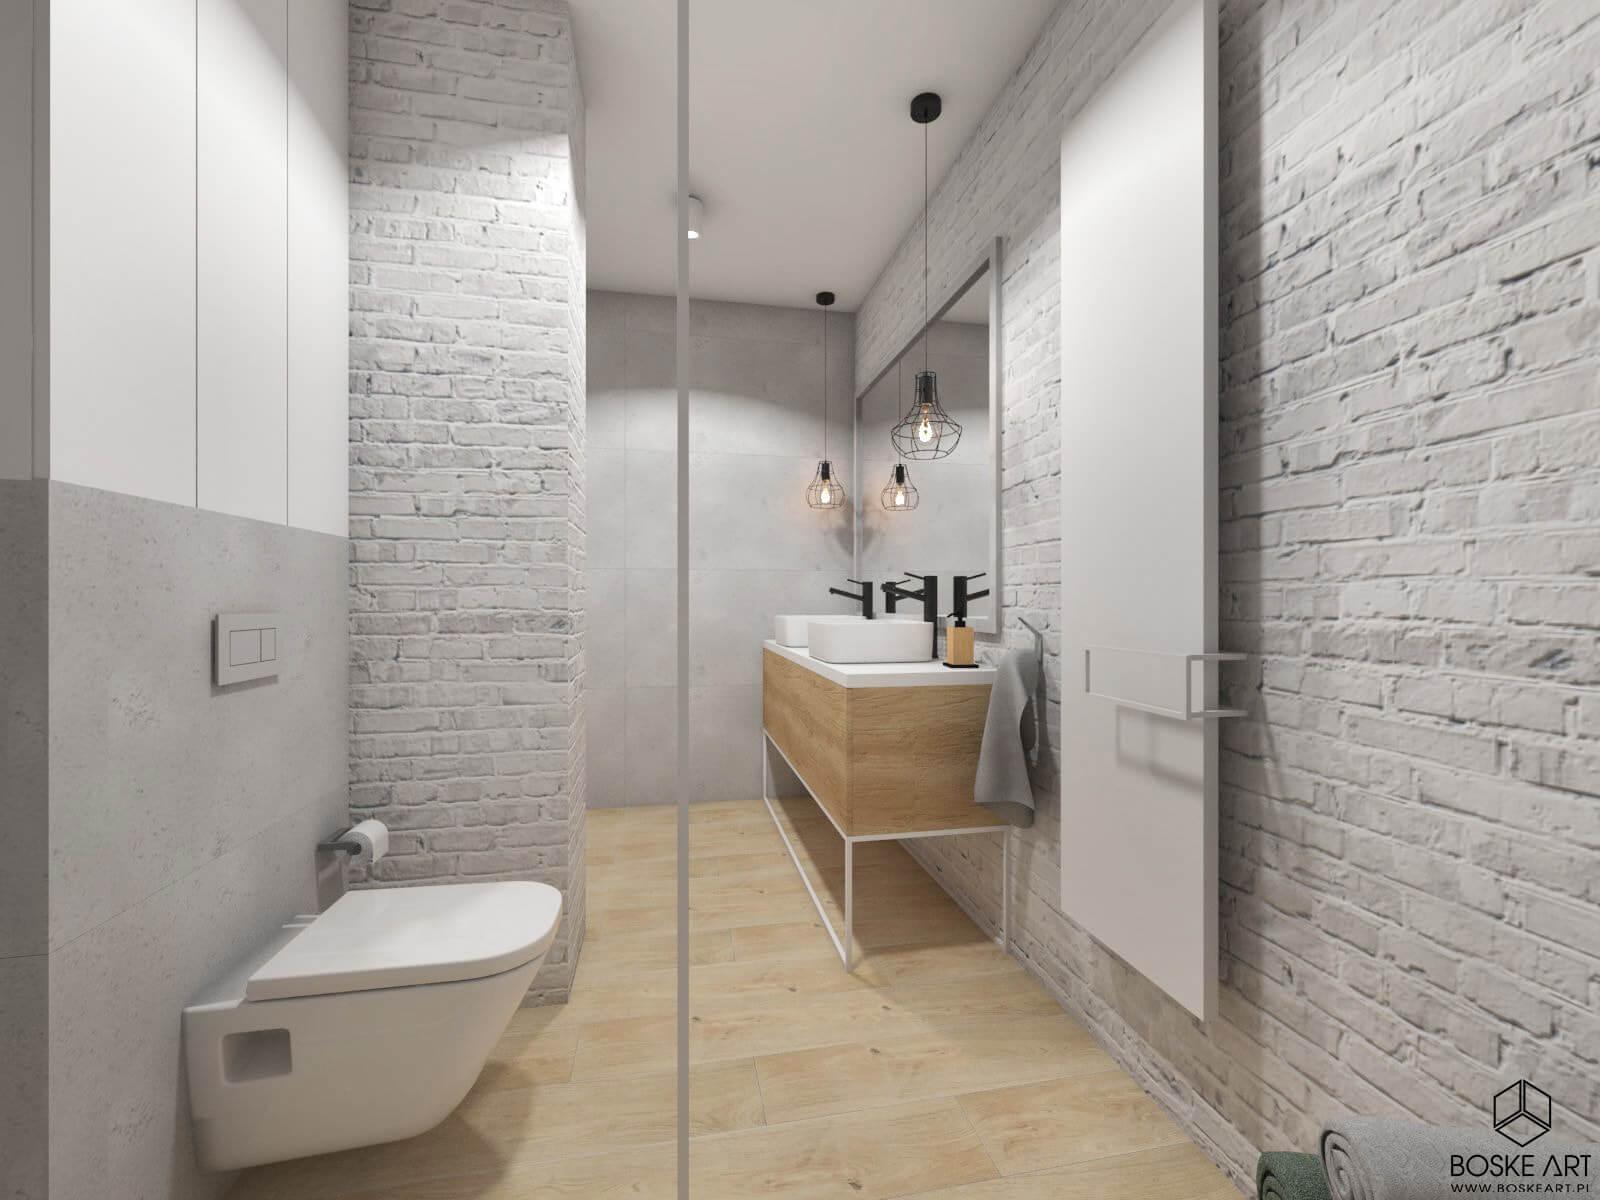 22_mieszkanie_poznan_boske_art_projektowanie_wnetrz_architektura_natalia_robaszkiewicz-min